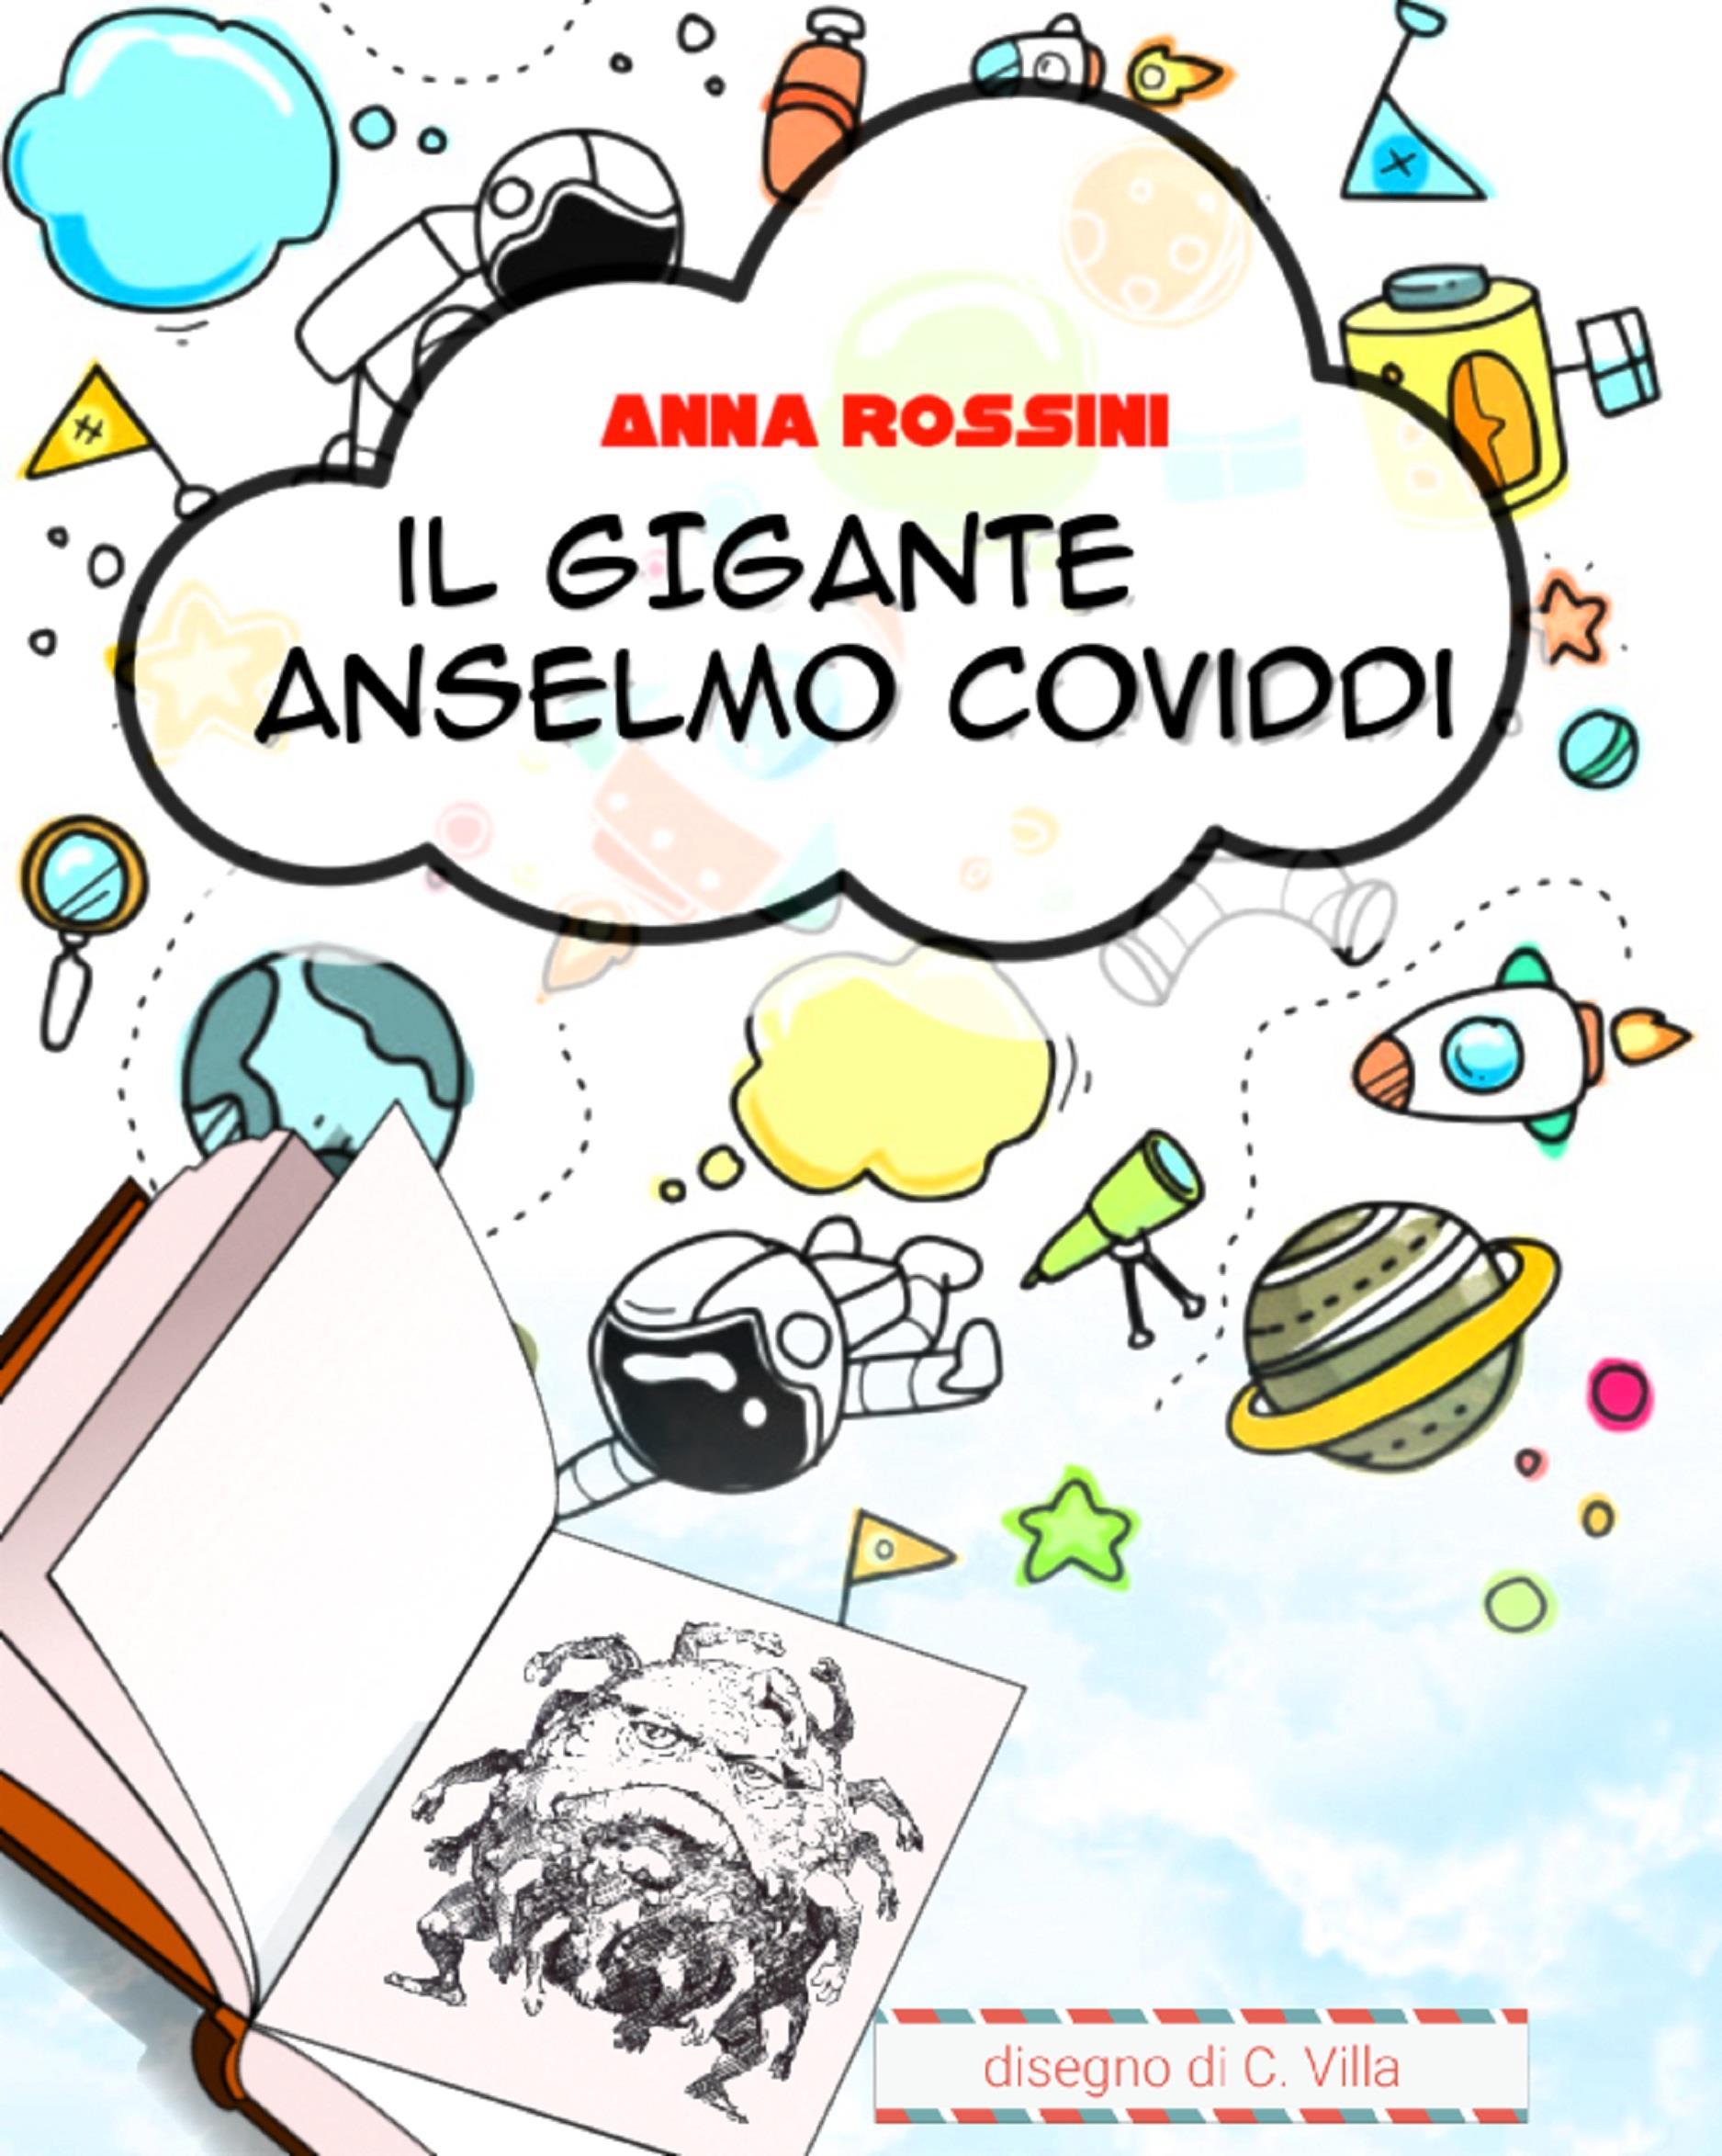 Il gigante Anselmo Coviddi